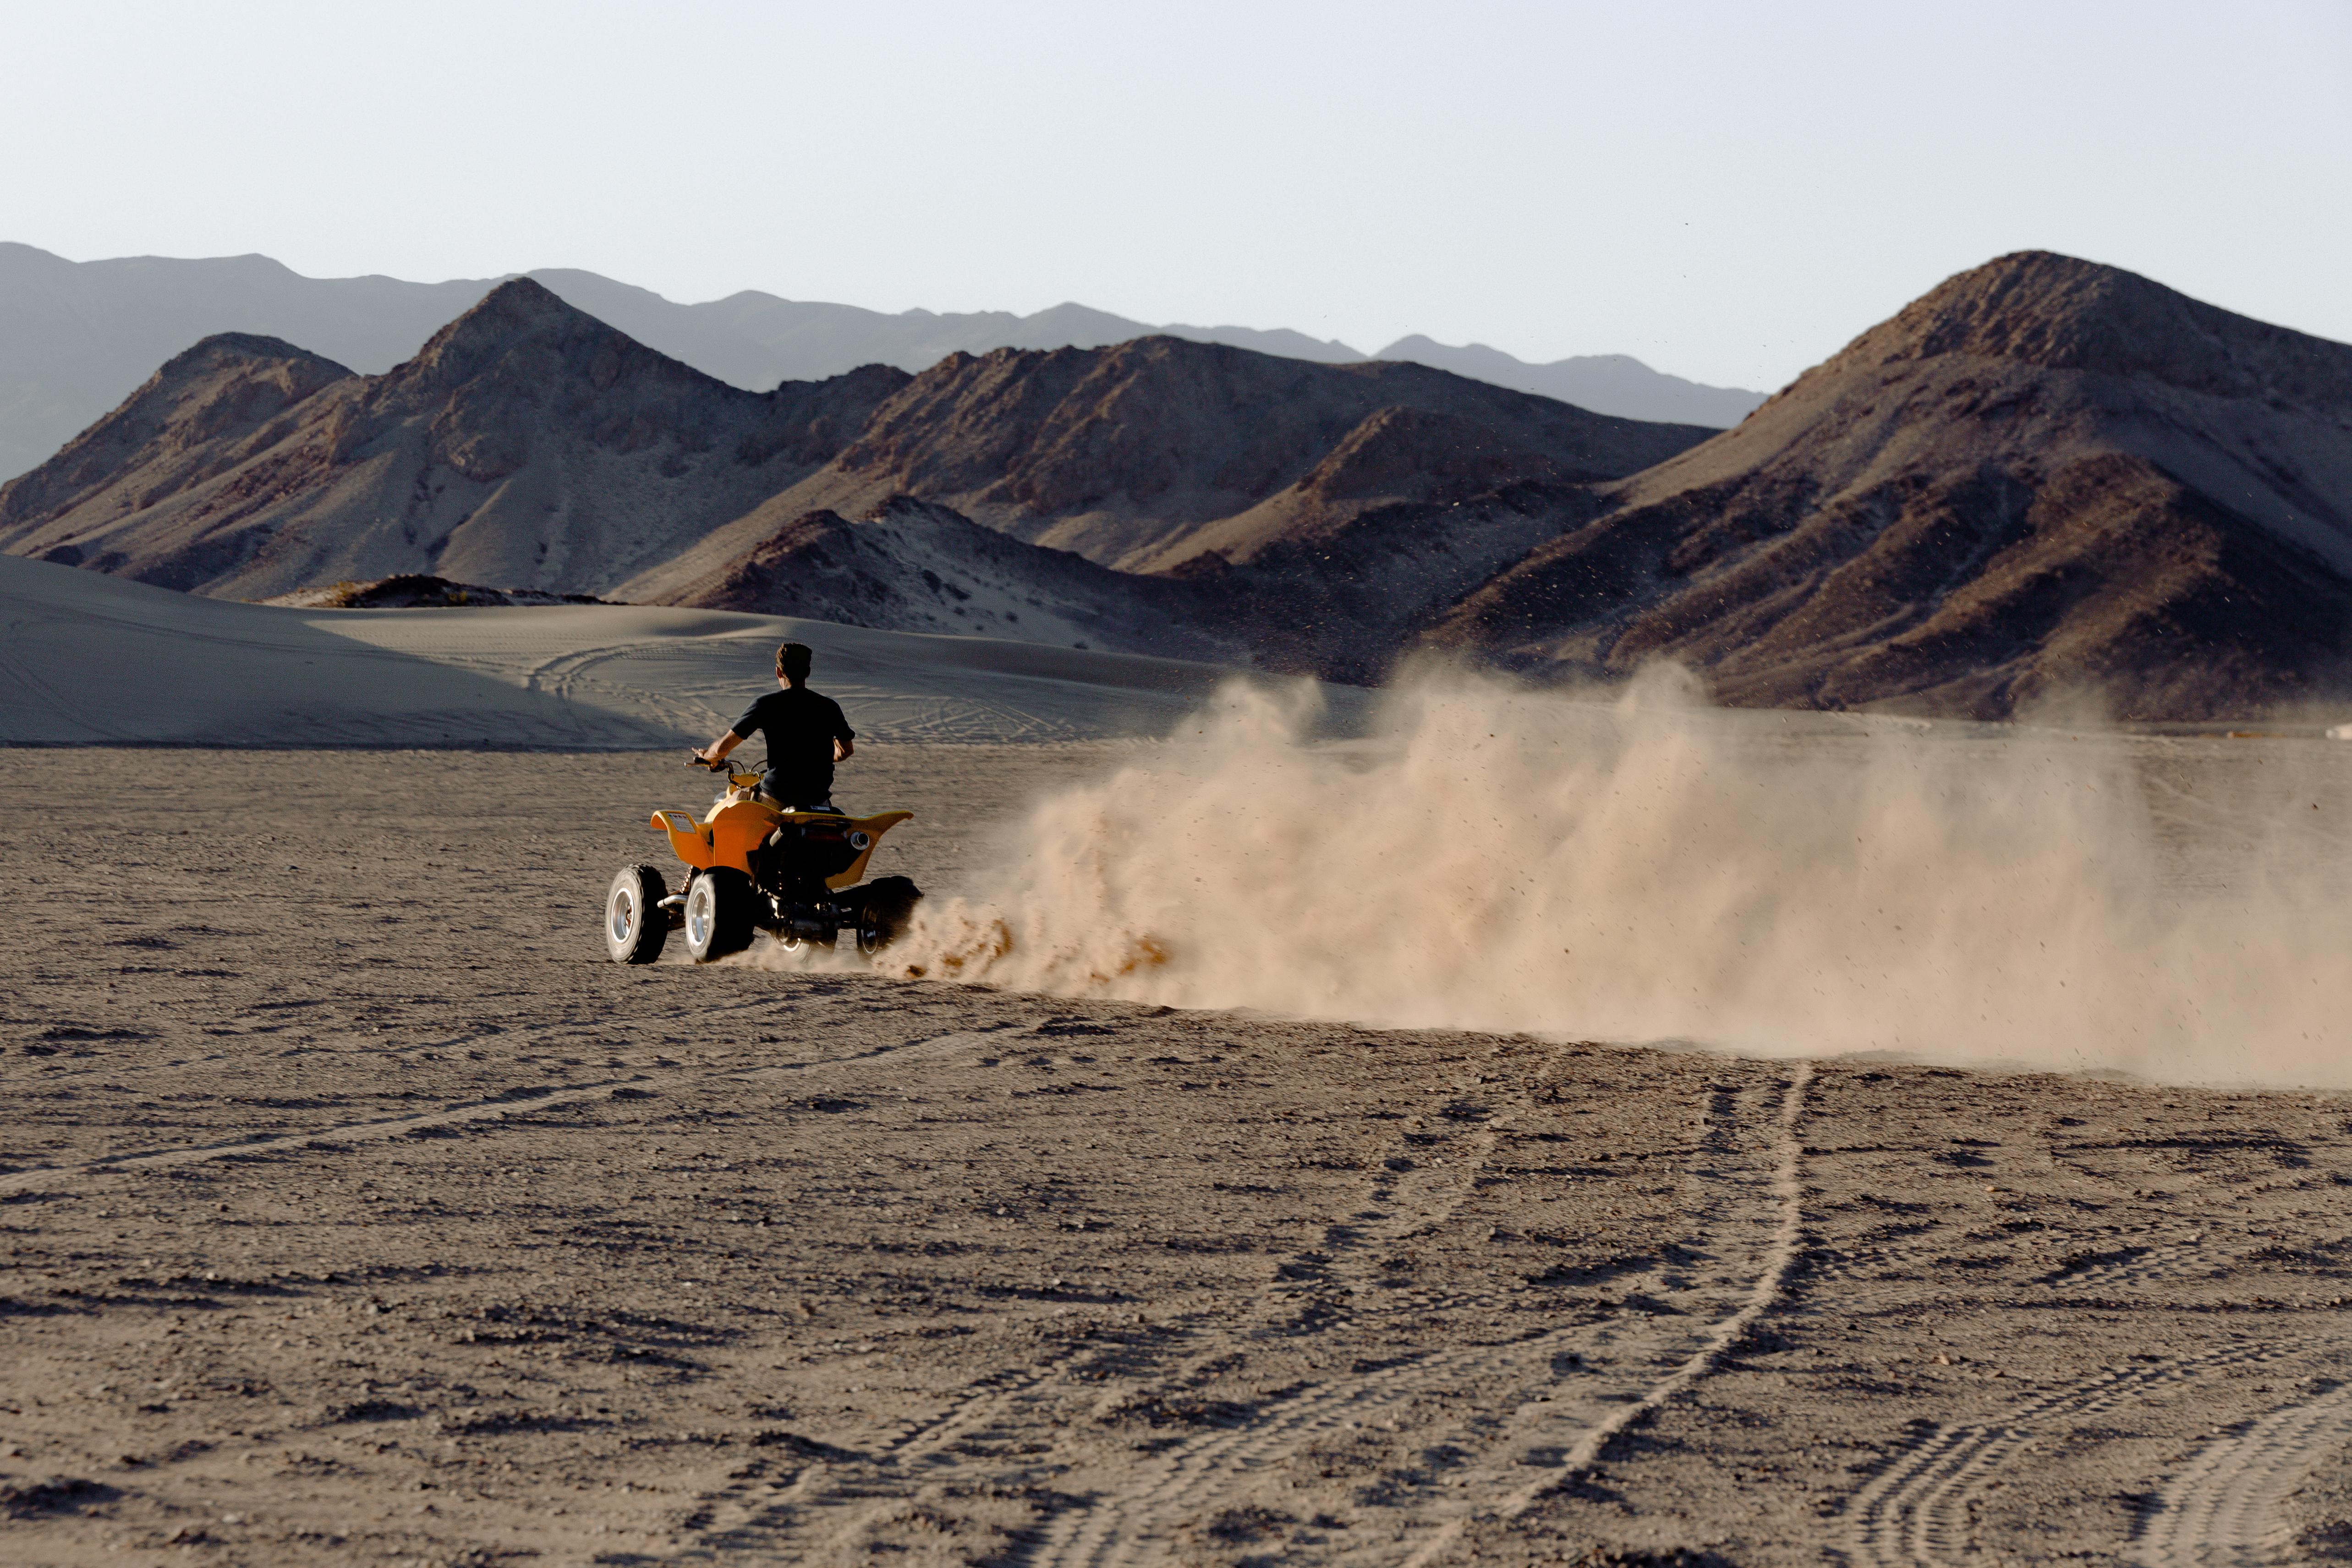 Man Riding Atv in Desert Viewing Mountain